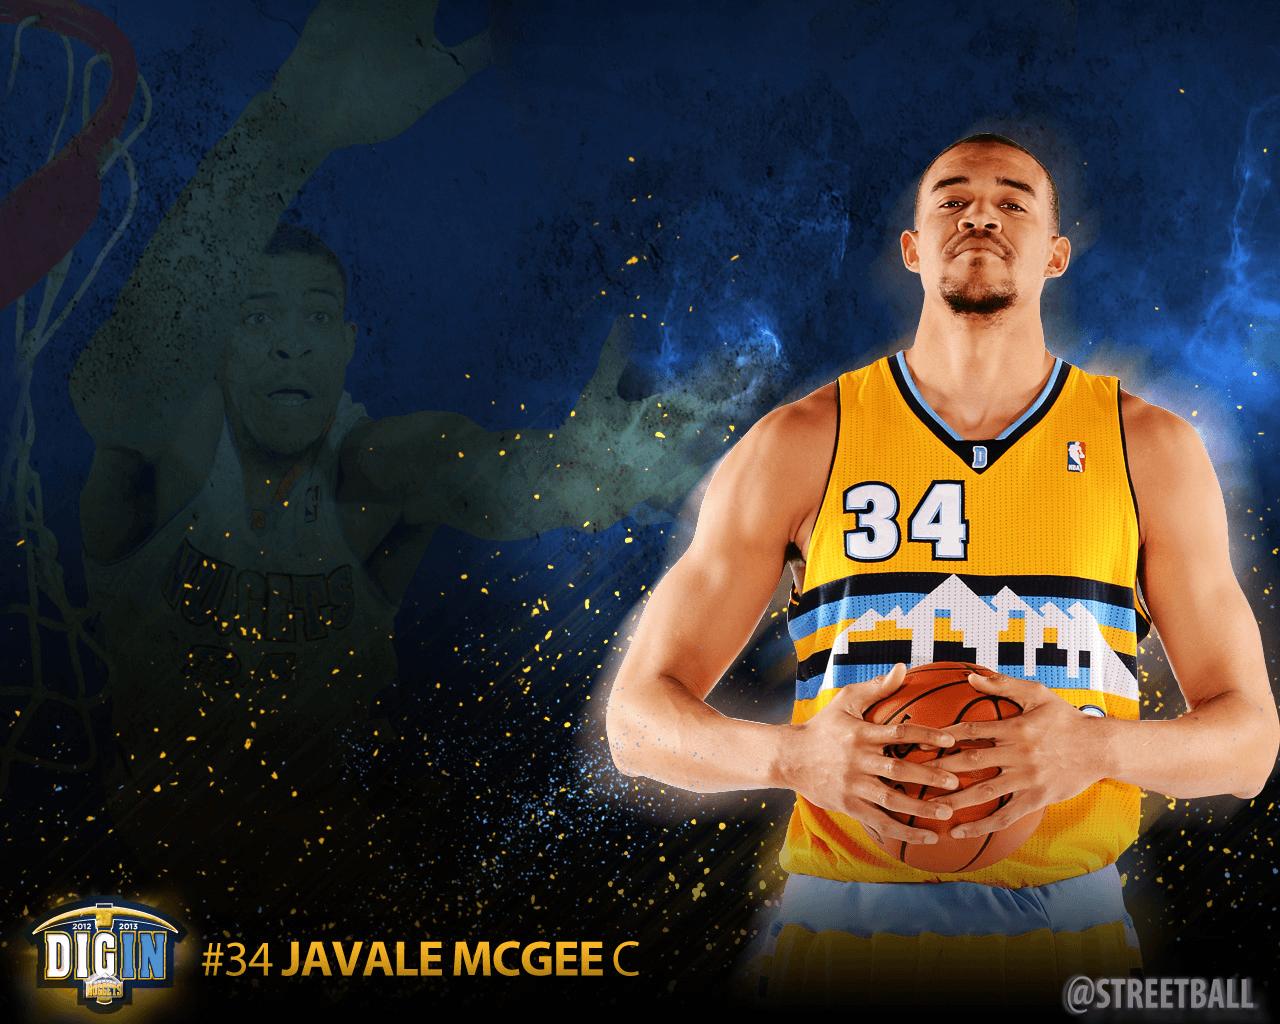 javale mcgee | JaVale McGee Denver Nuggets Wallpaper | Javale ...